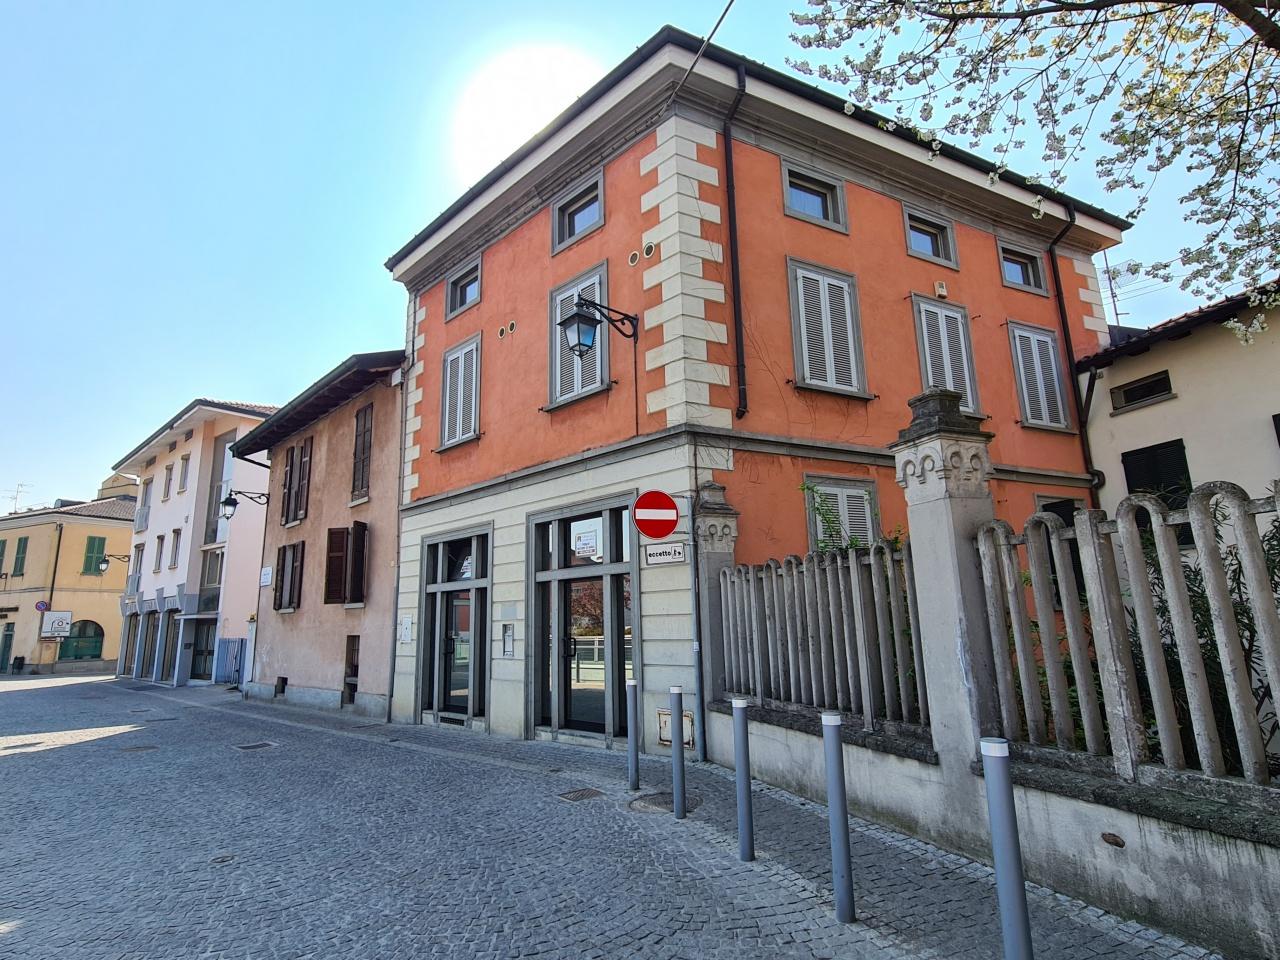 Ufficio / Studio in vendita a Treviglio, 10 locali, prezzo € 635.000 | PortaleAgenzieImmobiliari.it